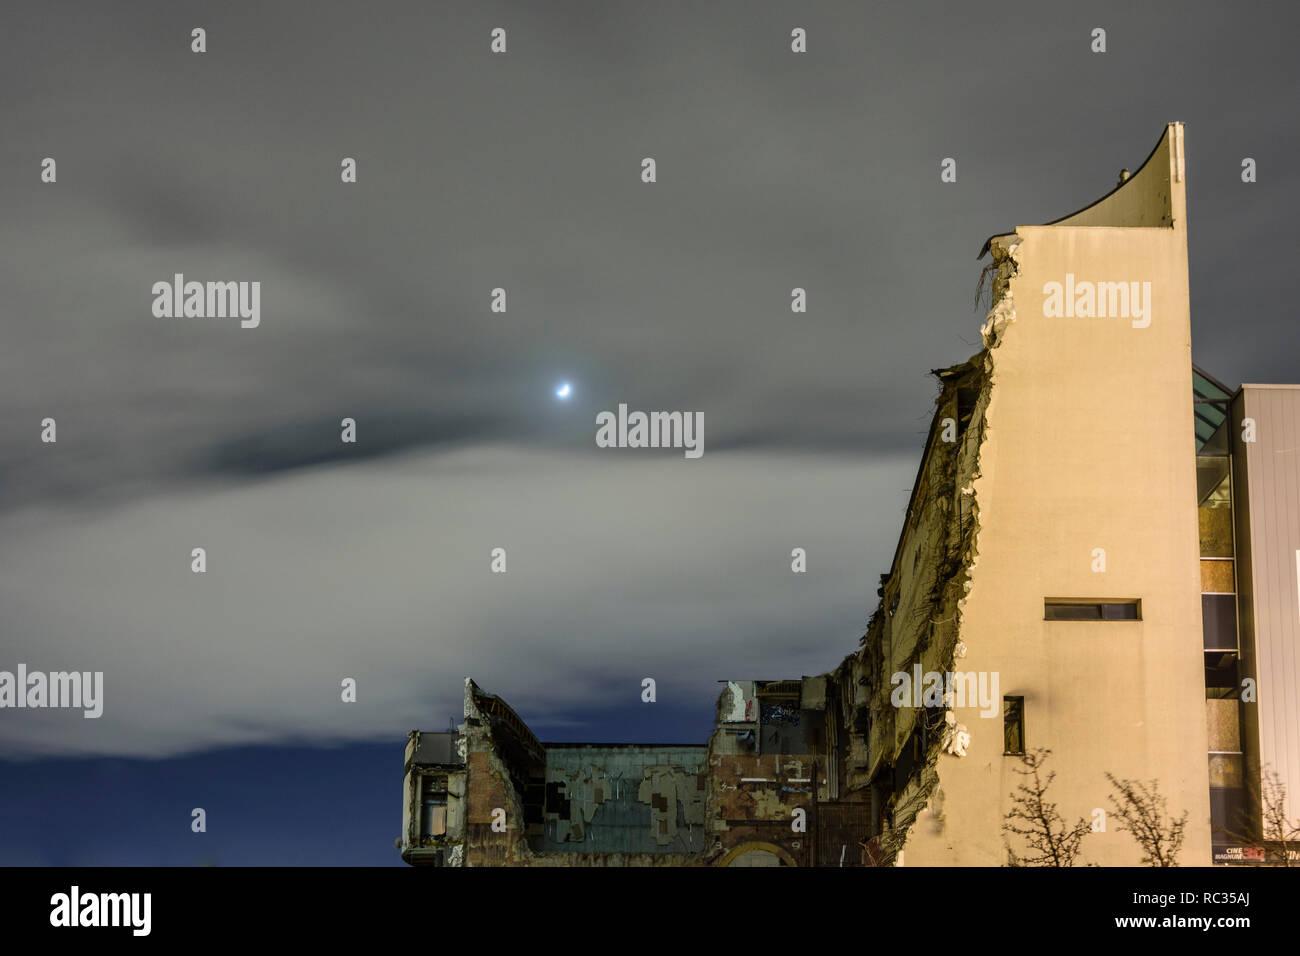 Wien, Vienna: ruin of no longer needed cinema in demolition, moon in 22. Donaustadt, Wien, Austria - Stock Image